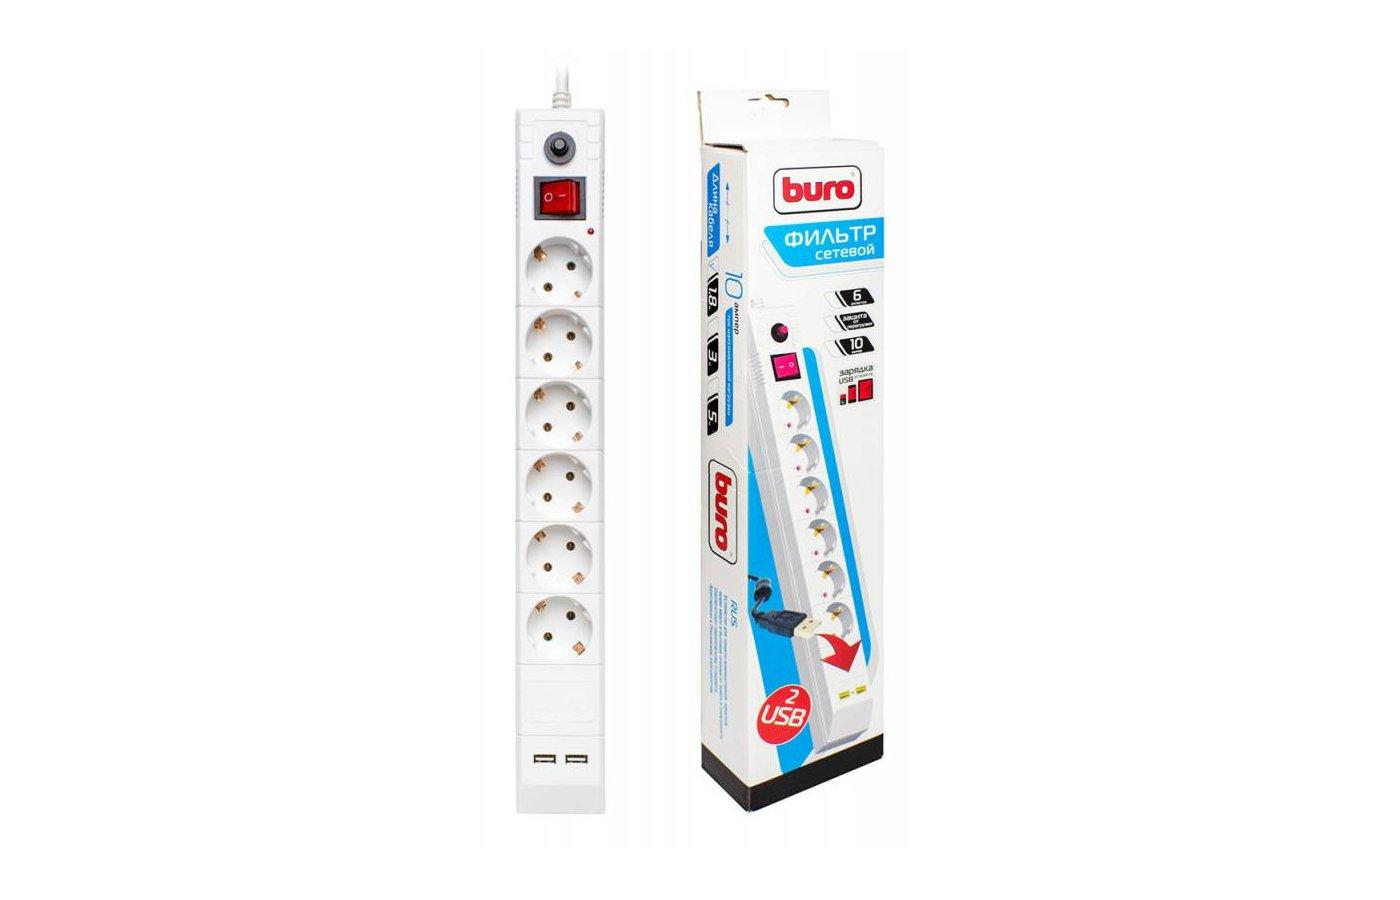 Сетевой фильтр BURO BU-SP1.8 USB/W 6роз./1.8м. белый